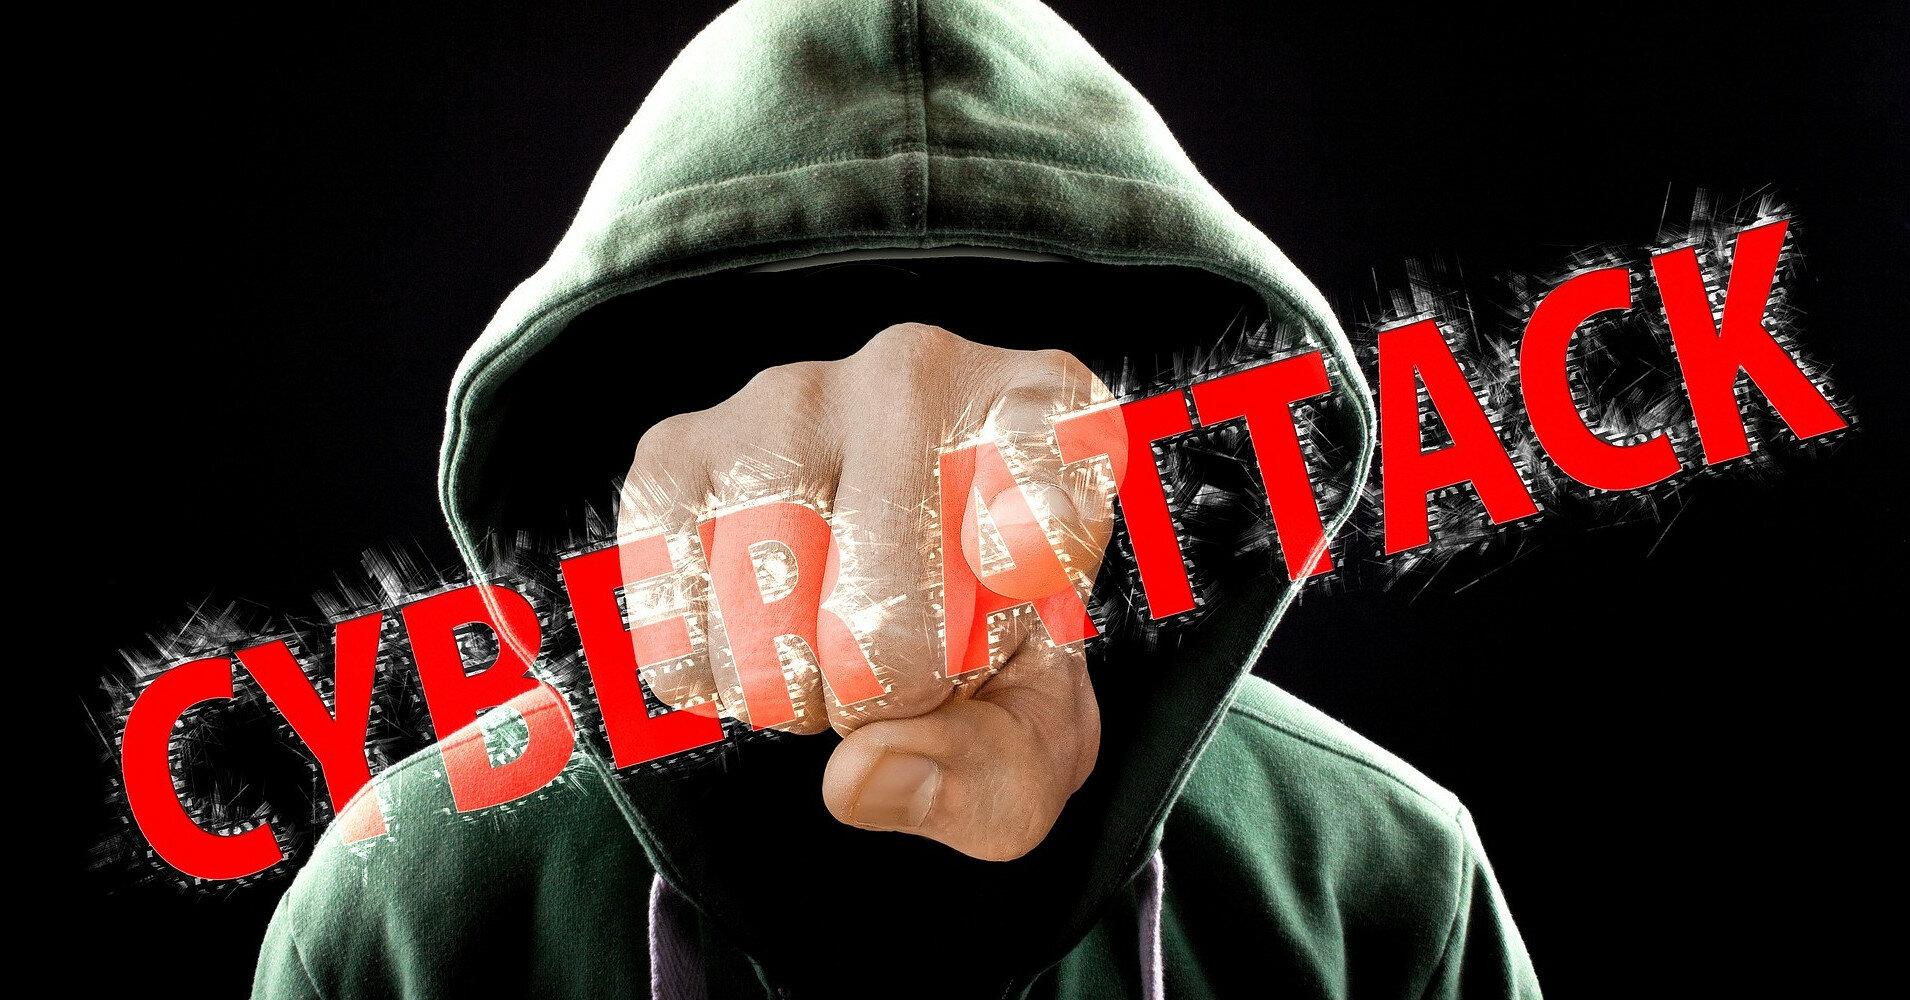 Сайты президента и СБУ подверглись DDoS-атаке